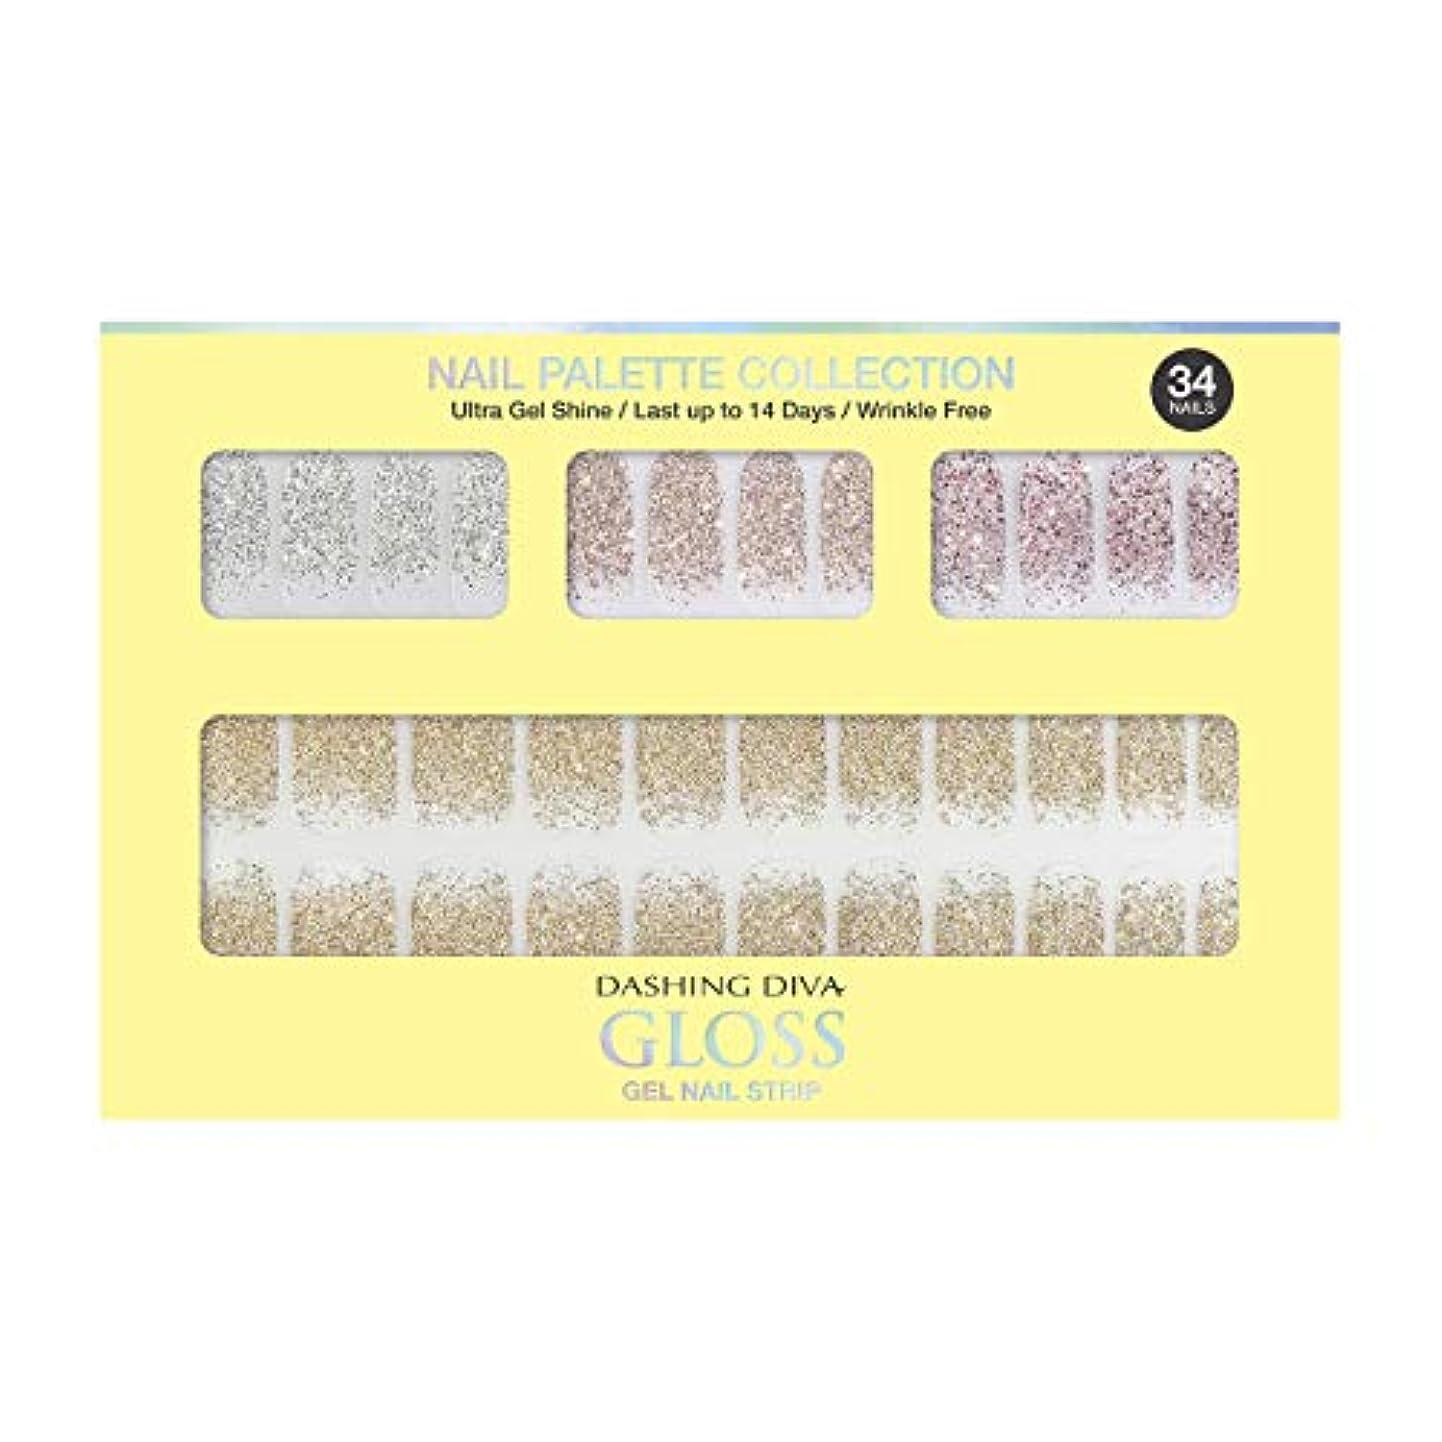 第二にカメボクシングダッシングディバ グロスジェル ネイルストリップ DASHING DIVA Gloss Gel Nail Strip DGNP07-DURY+ オリジナルジェル ネイルシール Lemon #07 Sparkling Powder